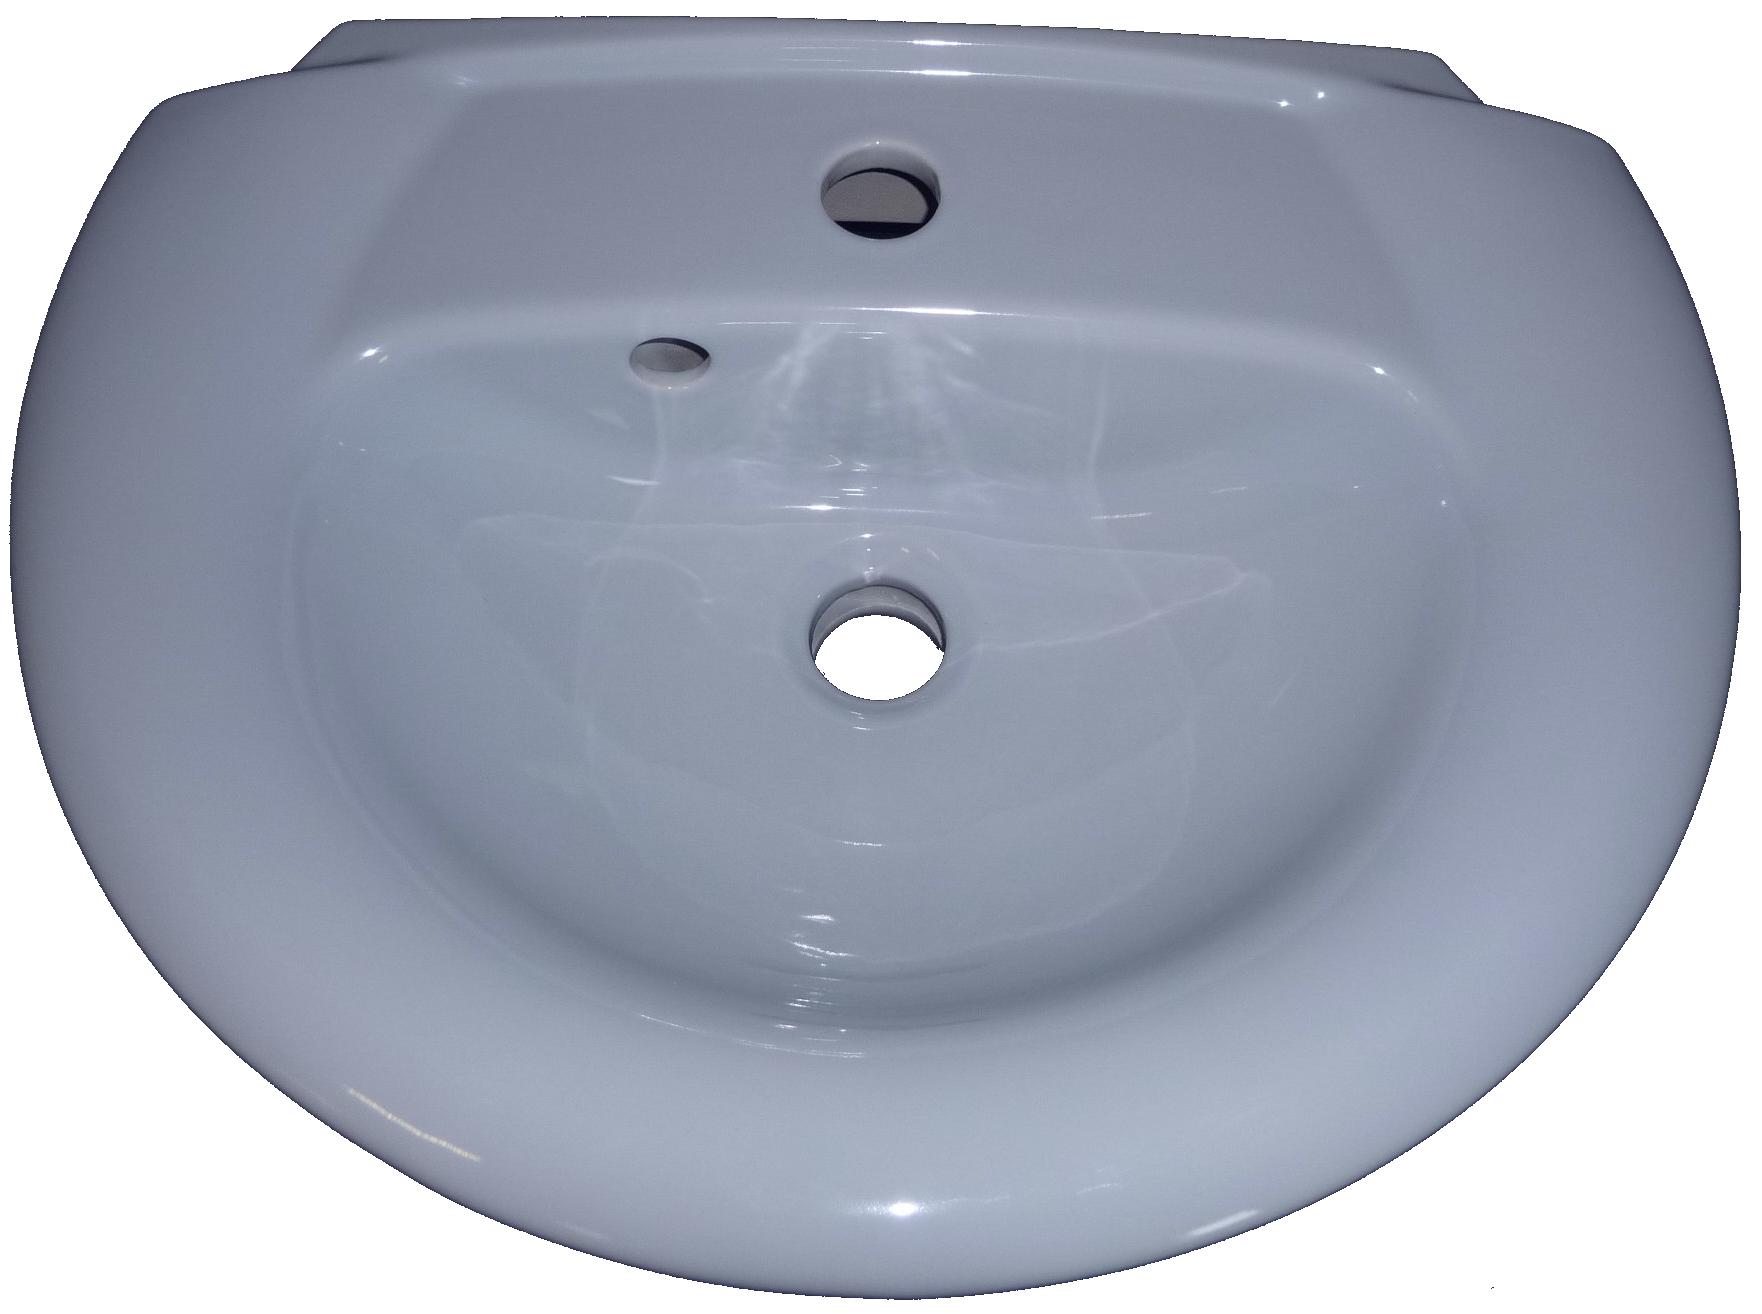 whisperblau Handwaschbecken 50x38 cm Ideal Standard Tizio 4233 Bild 1